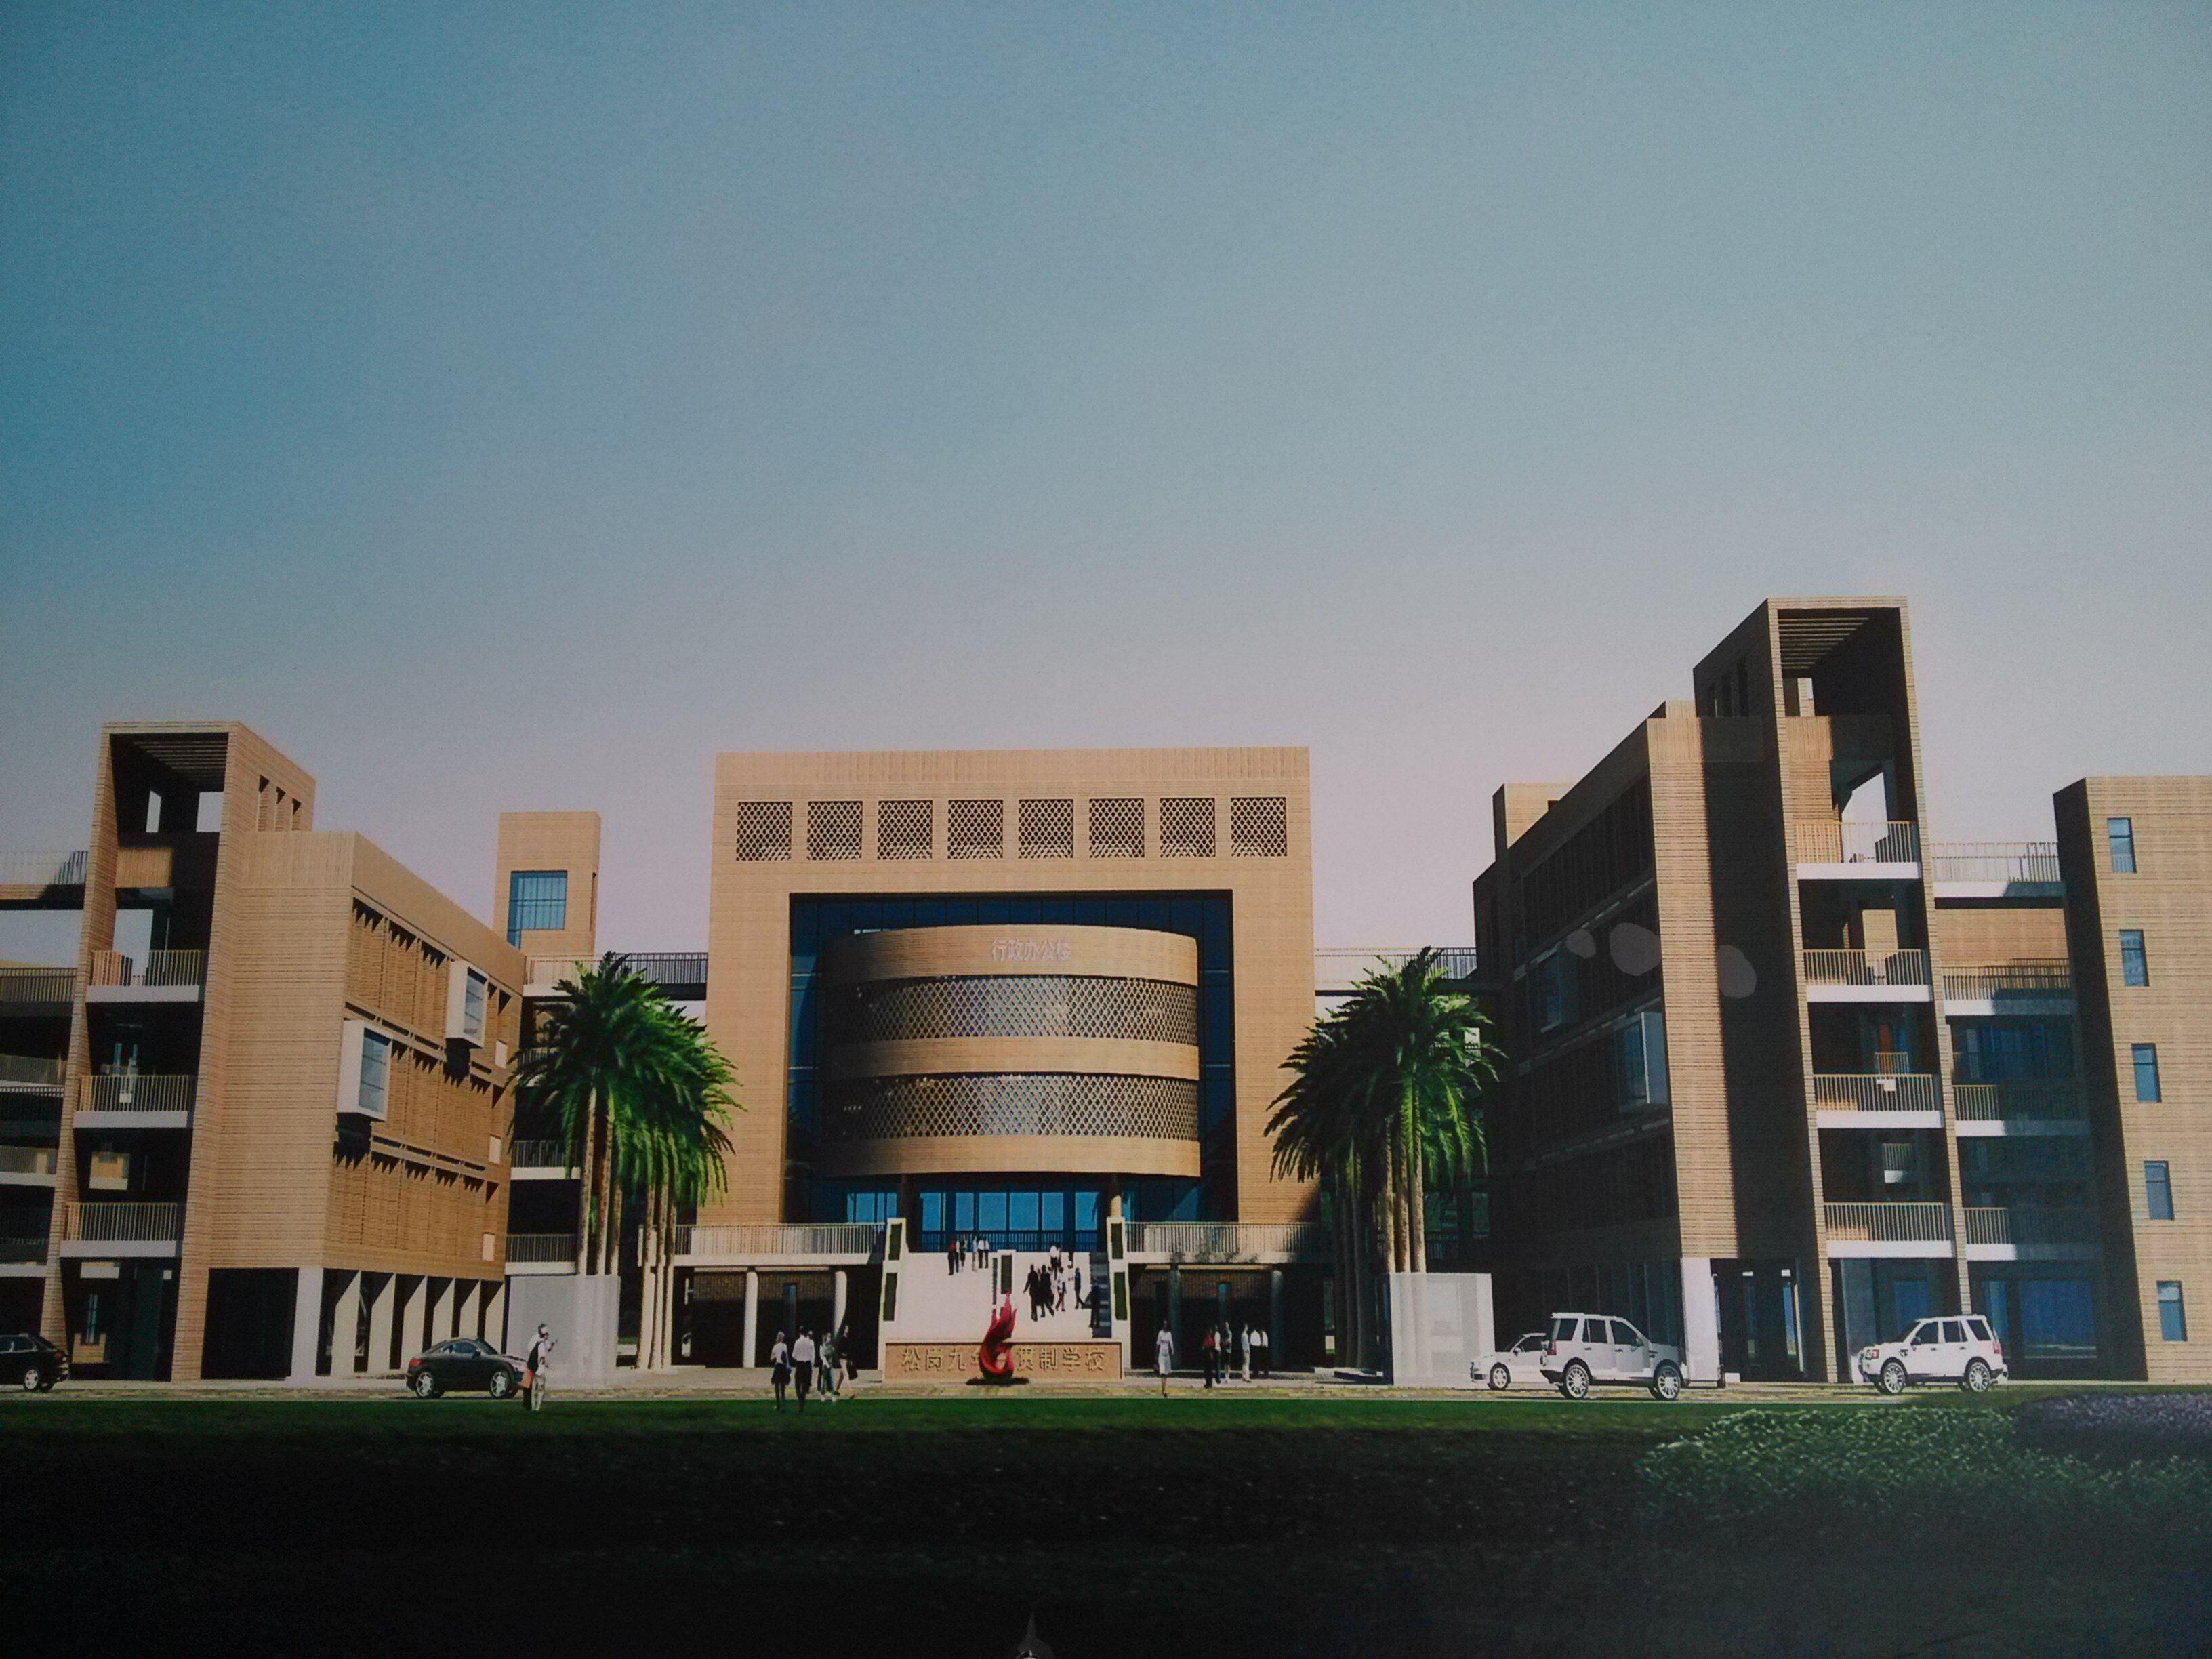 松崗西片區九年一貫制學校建設工程